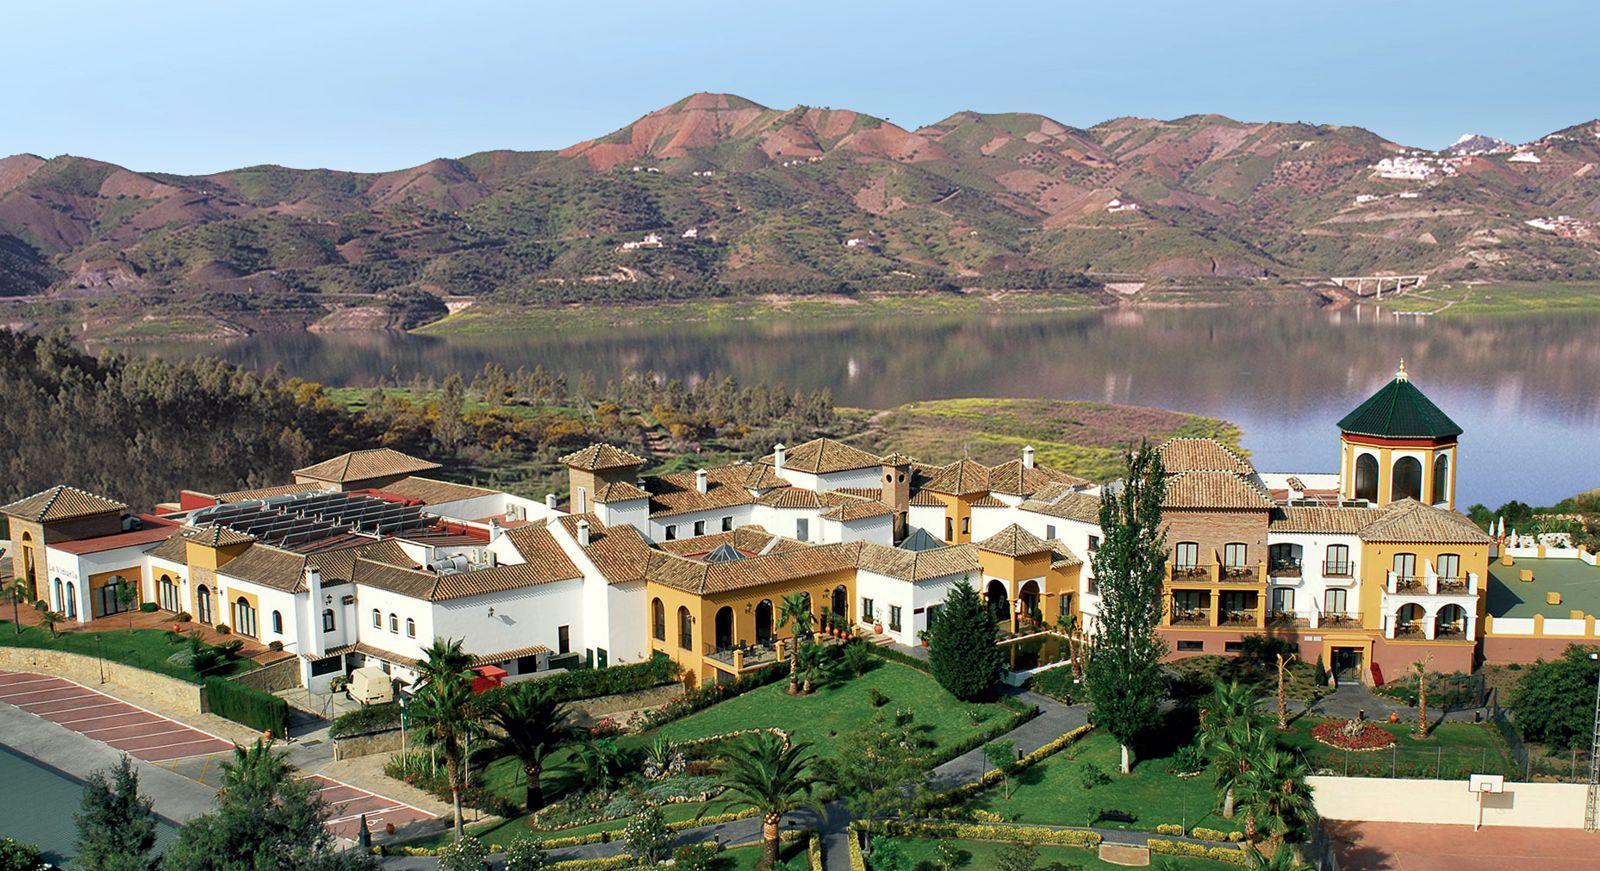 Hotel Charme Malaga